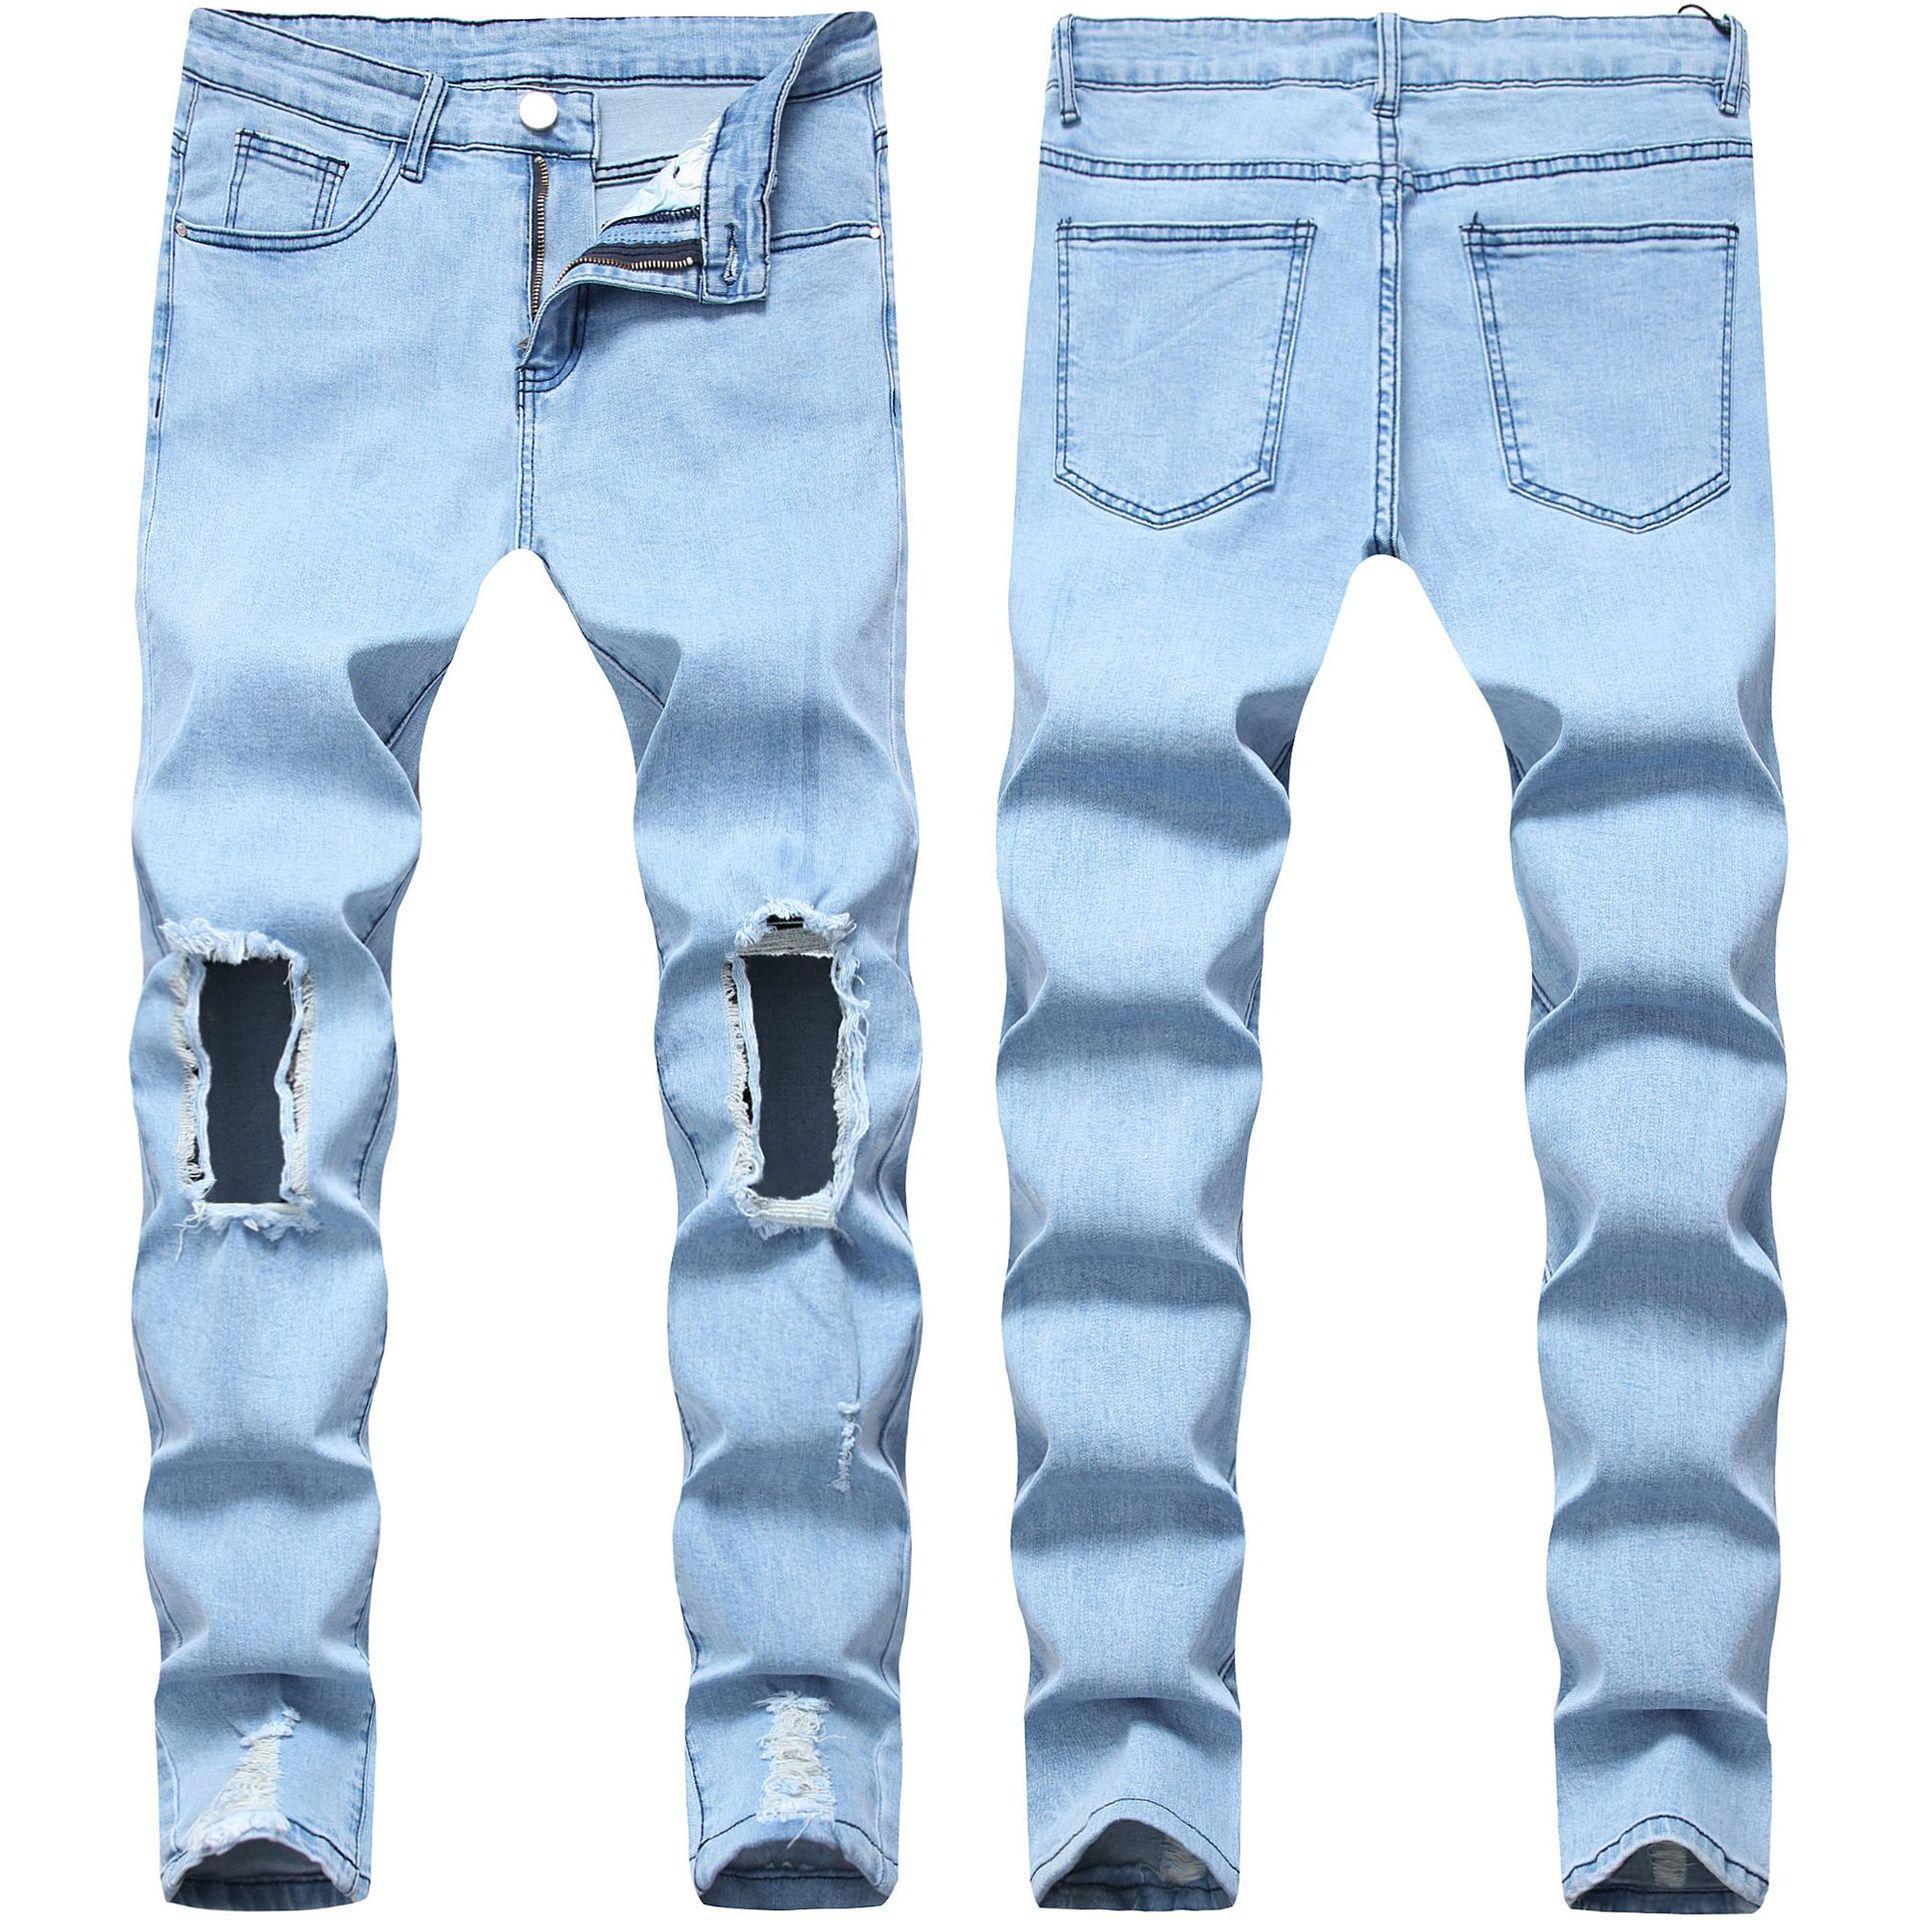 MENS MONDES PERSONNALITÉ TROU JURIS JEANS ANPOSÉ SLIMPLE FIT FIT Pantalon Denim Stretch Denim Mens Super Skinny Pants Nouvelle arrivée